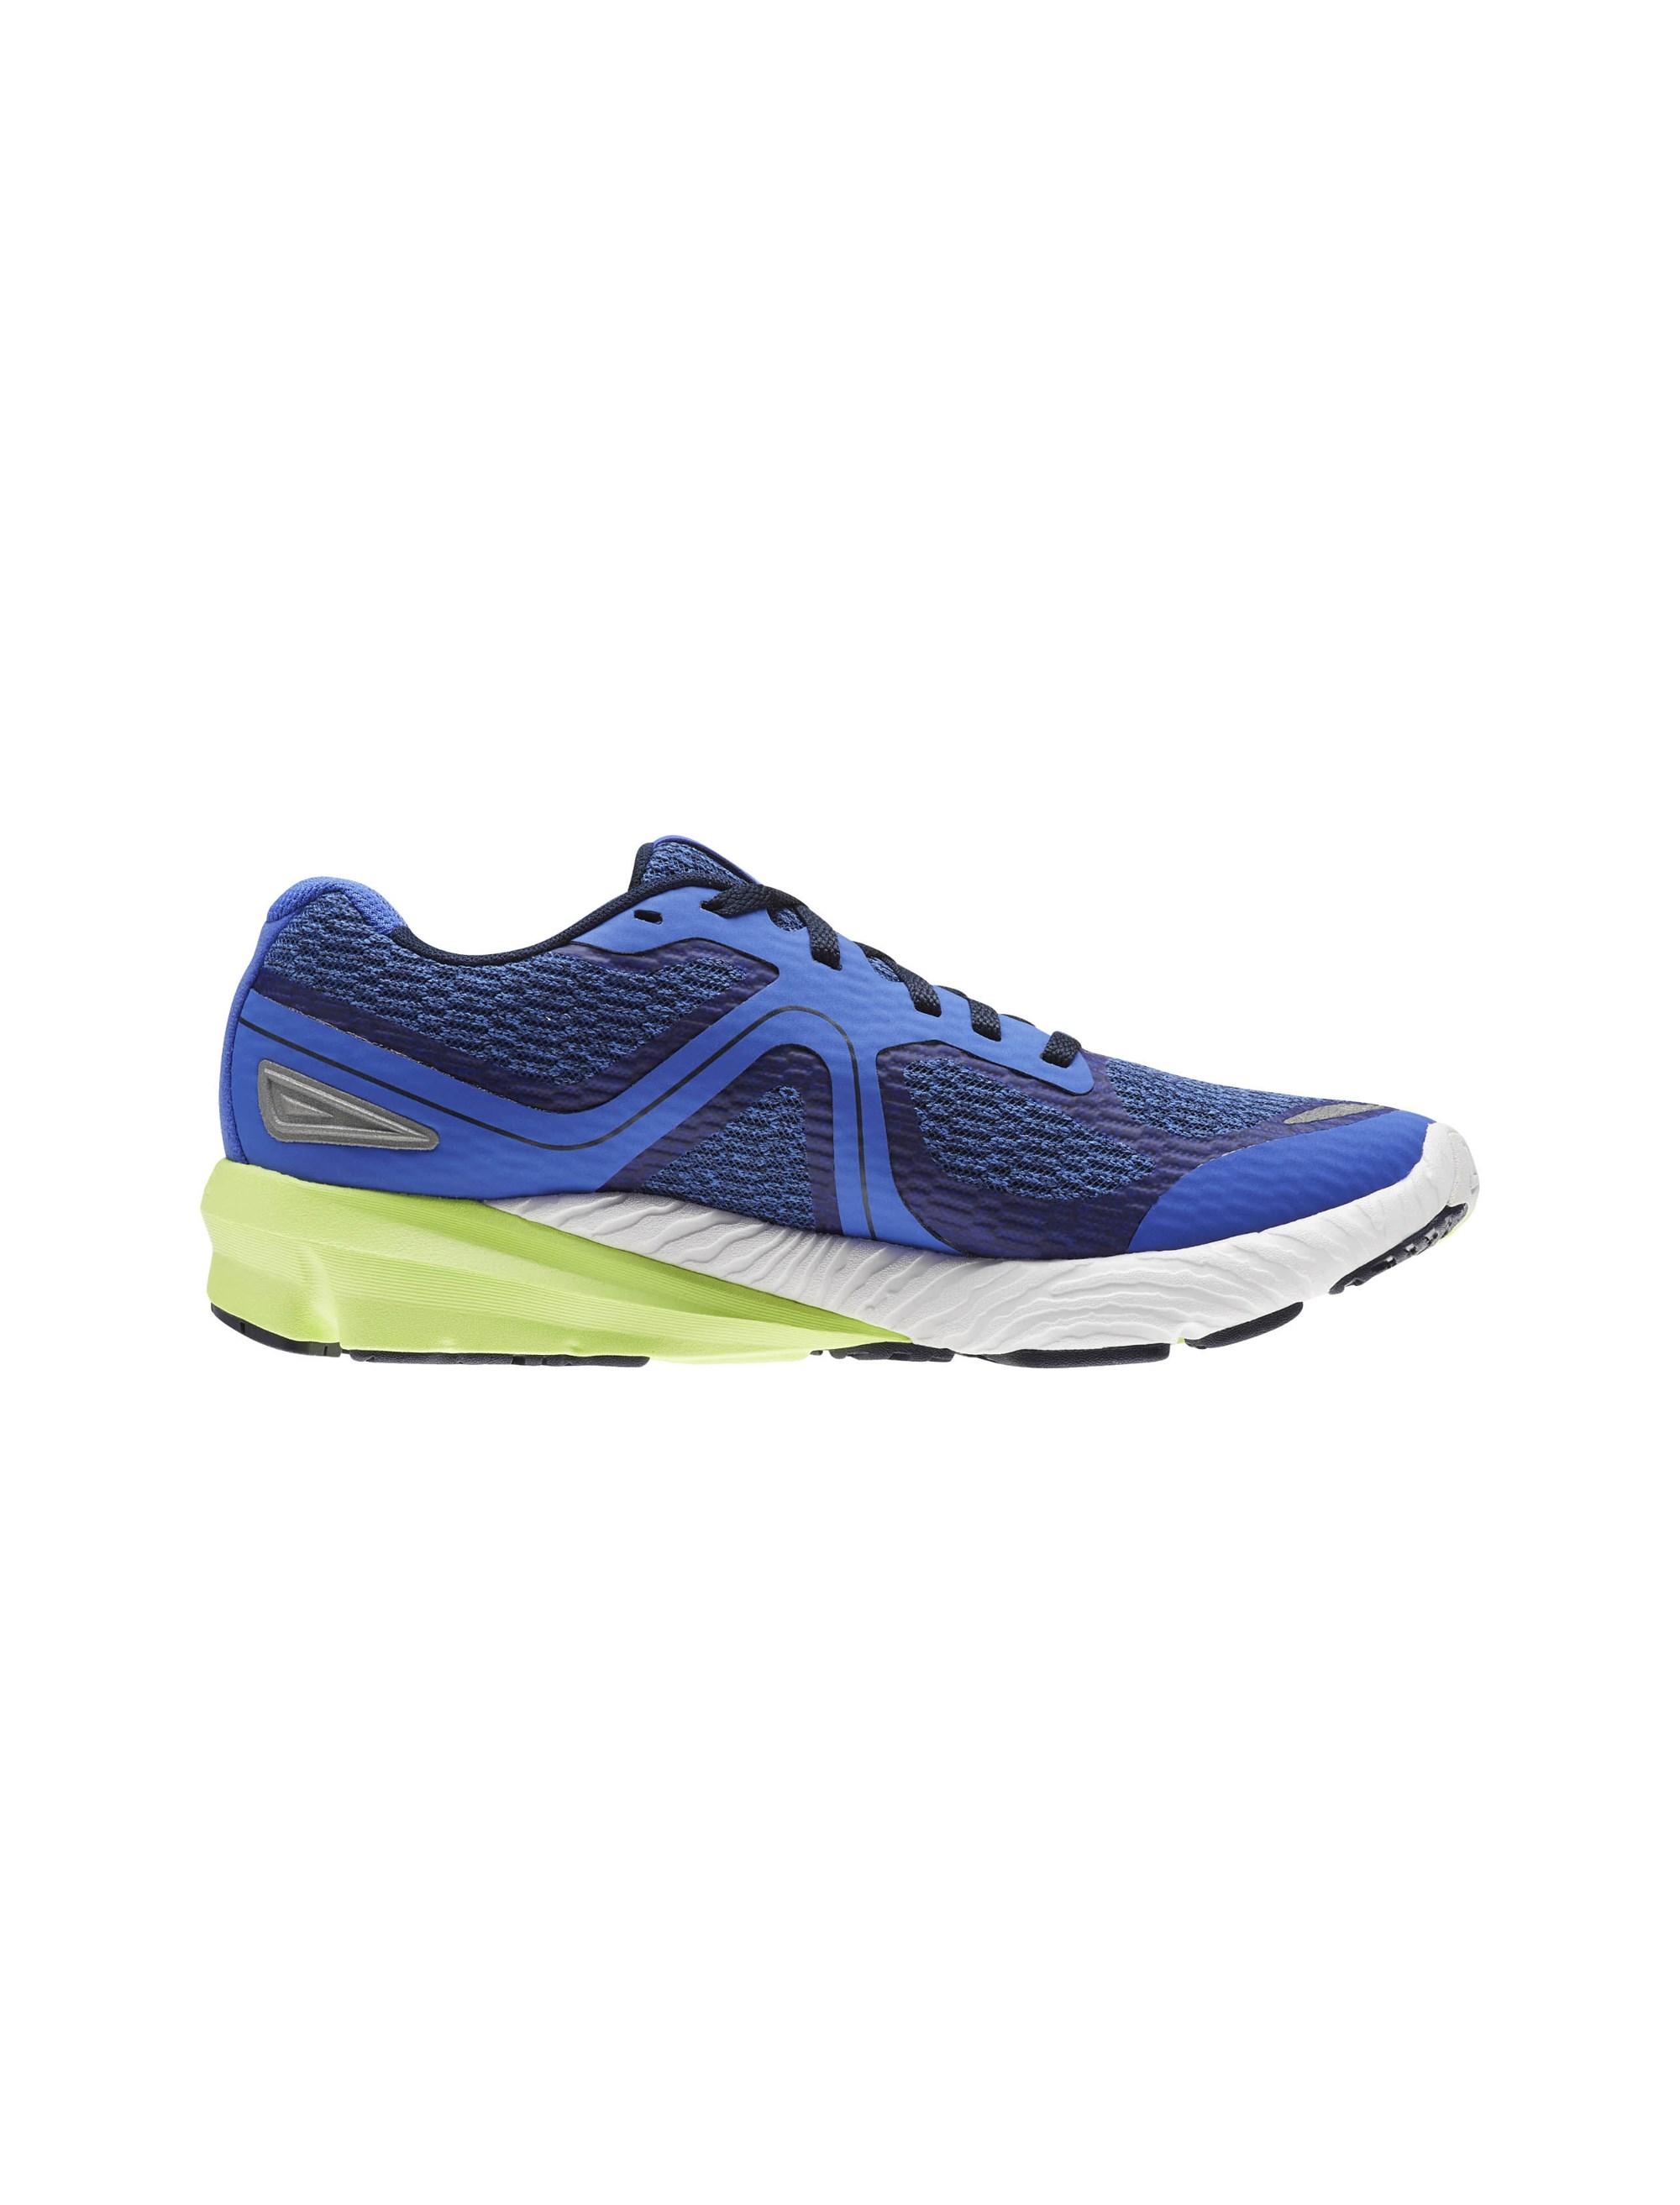 قیمت کفش مخصوص دویدن مردانه ریباک مدل HARMONY ROAD 2